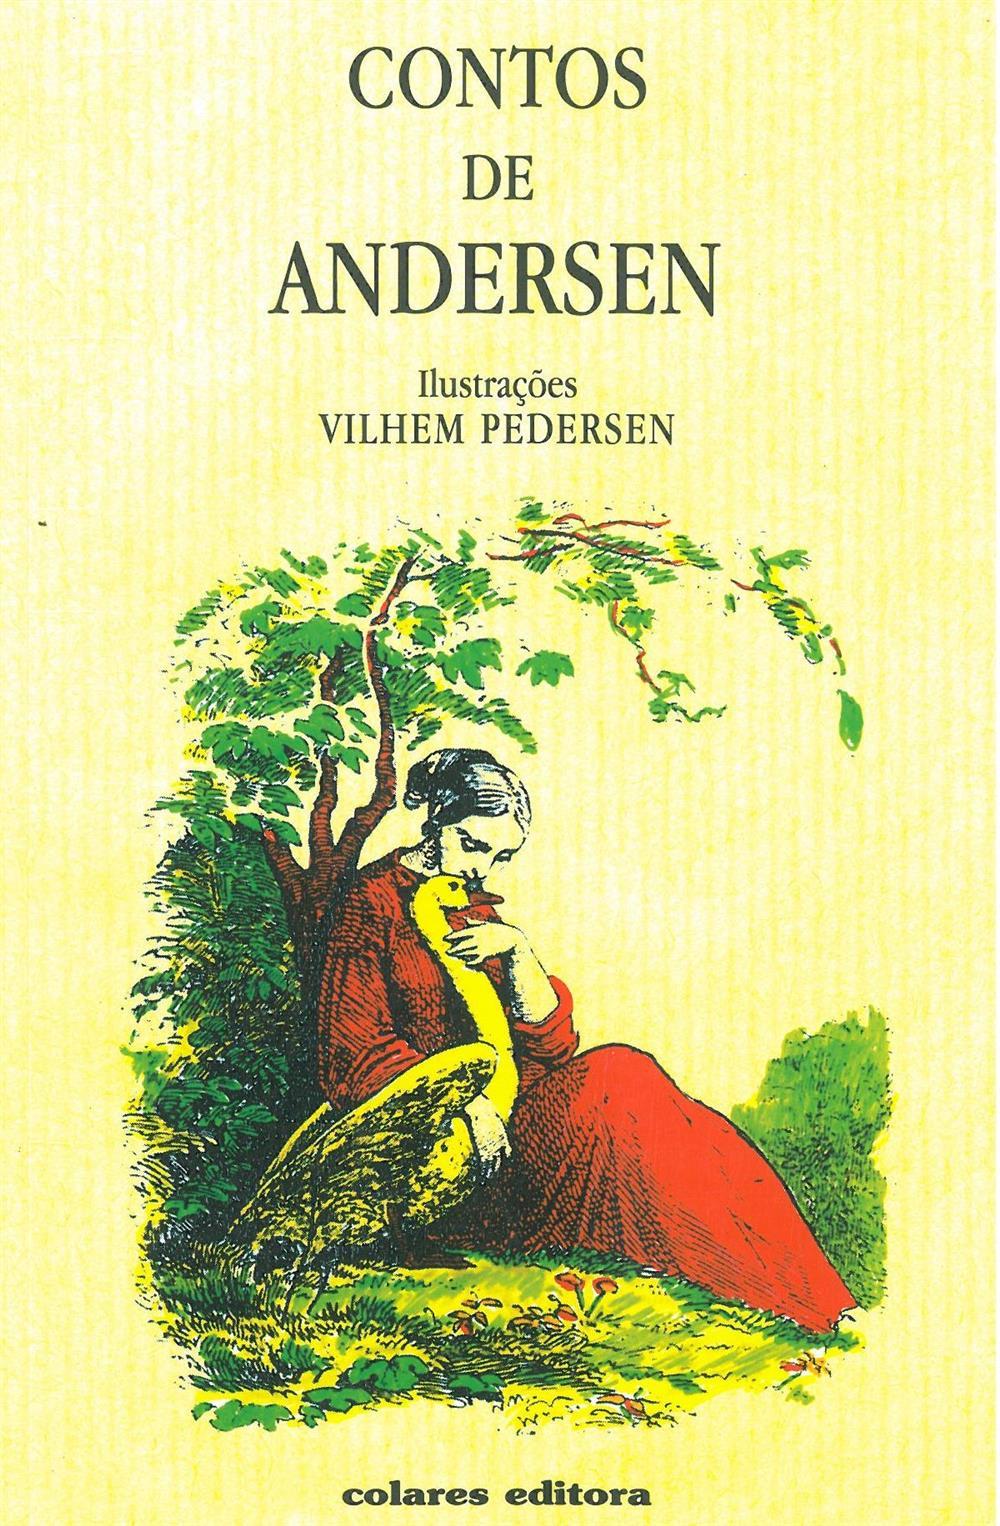 Contos de Andersen.jpg